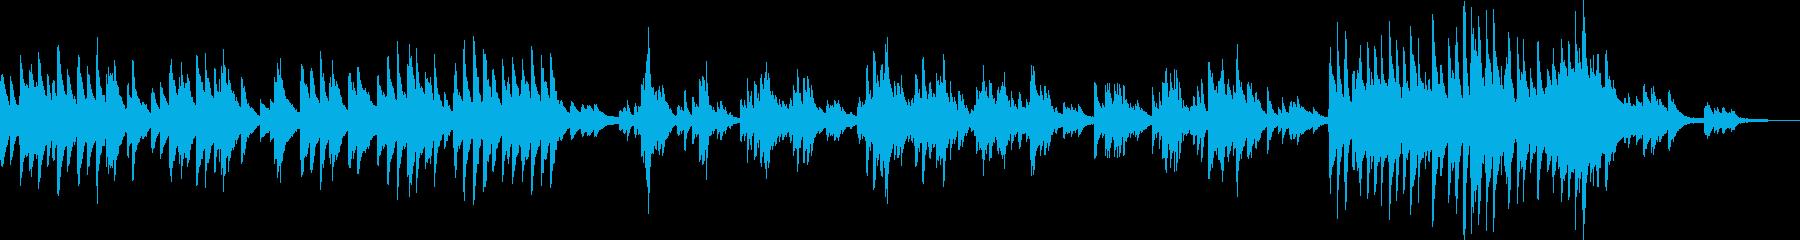 決戦前夜(ピアノ・力強い・かっこいい)の再生済みの波形